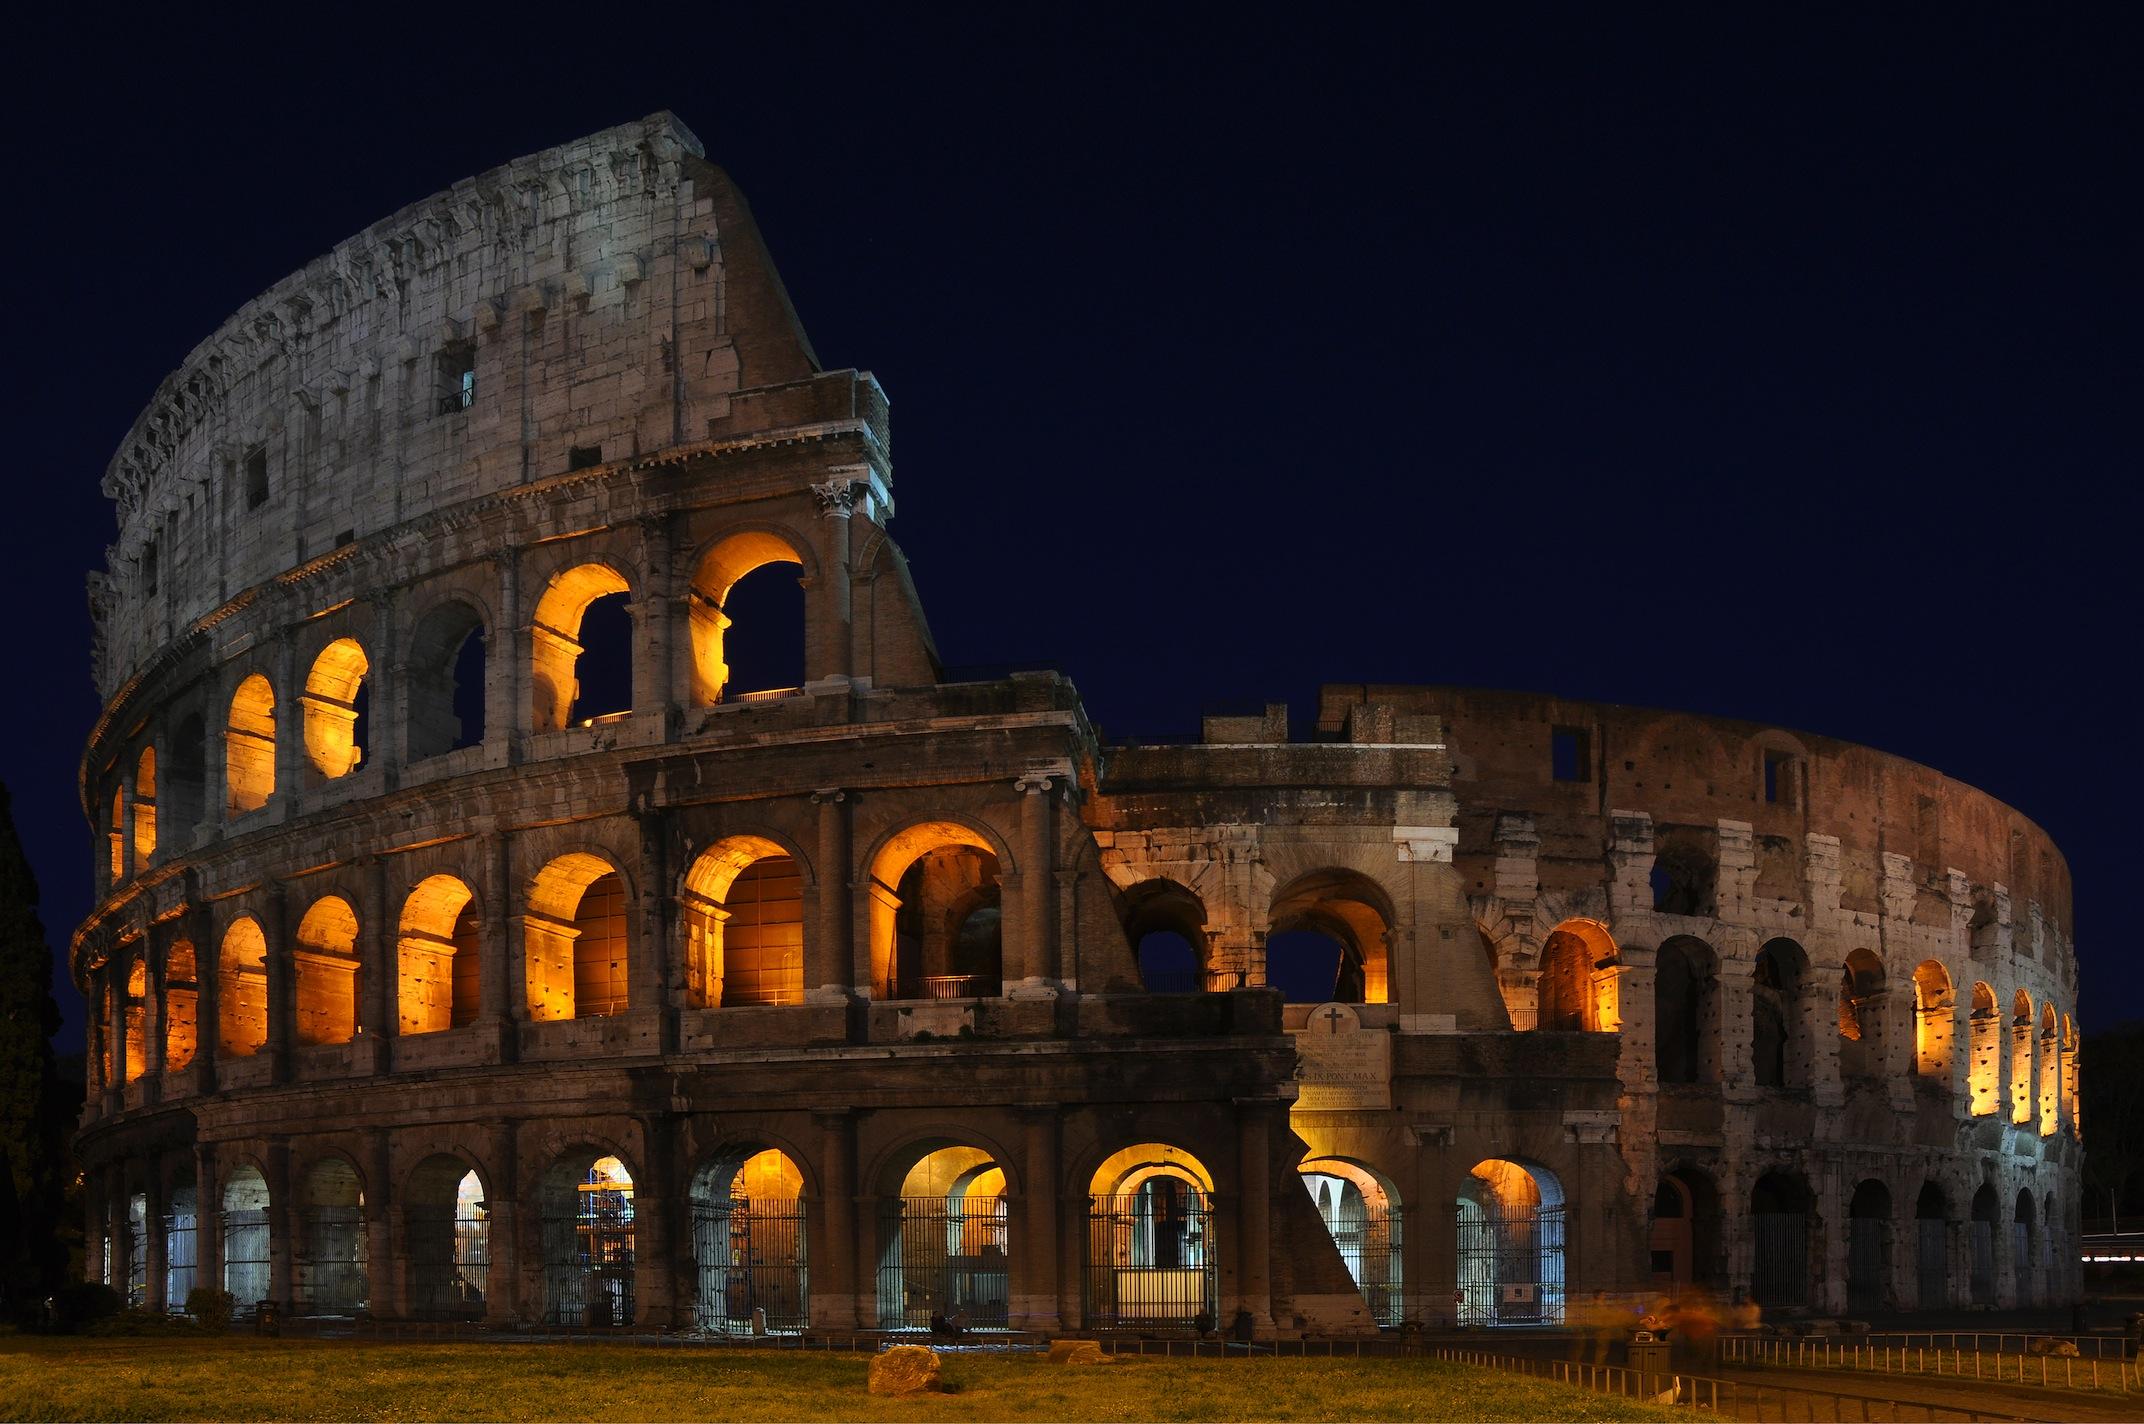 Lumières du Colisée papiers peints photo appliqué sur le mur